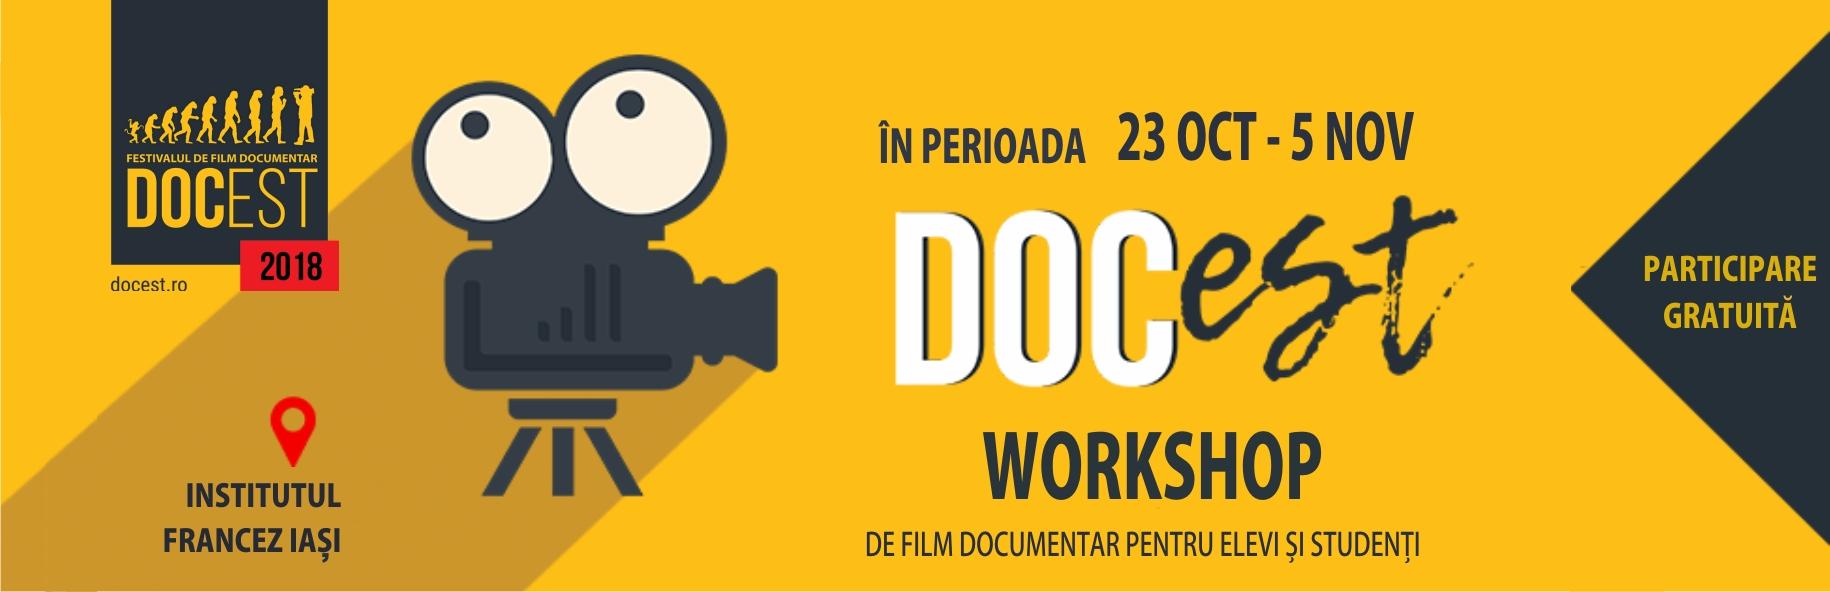 Workshop de film